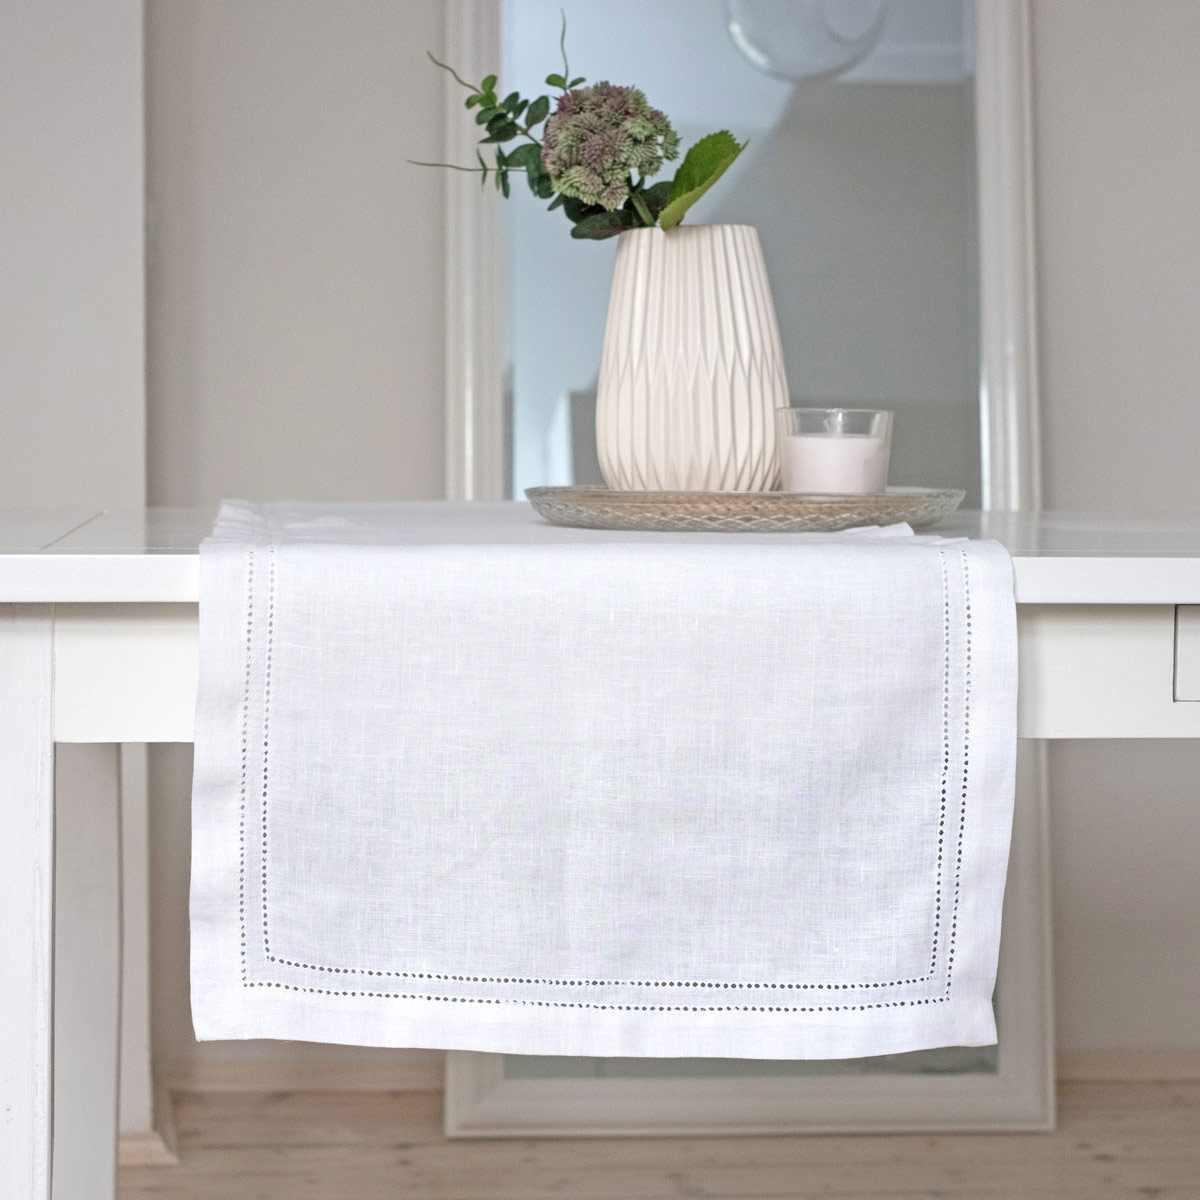 leinen tischl ufer hohlsaum elbla wei. Black Bedroom Furniture Sets. Home Design Ideas